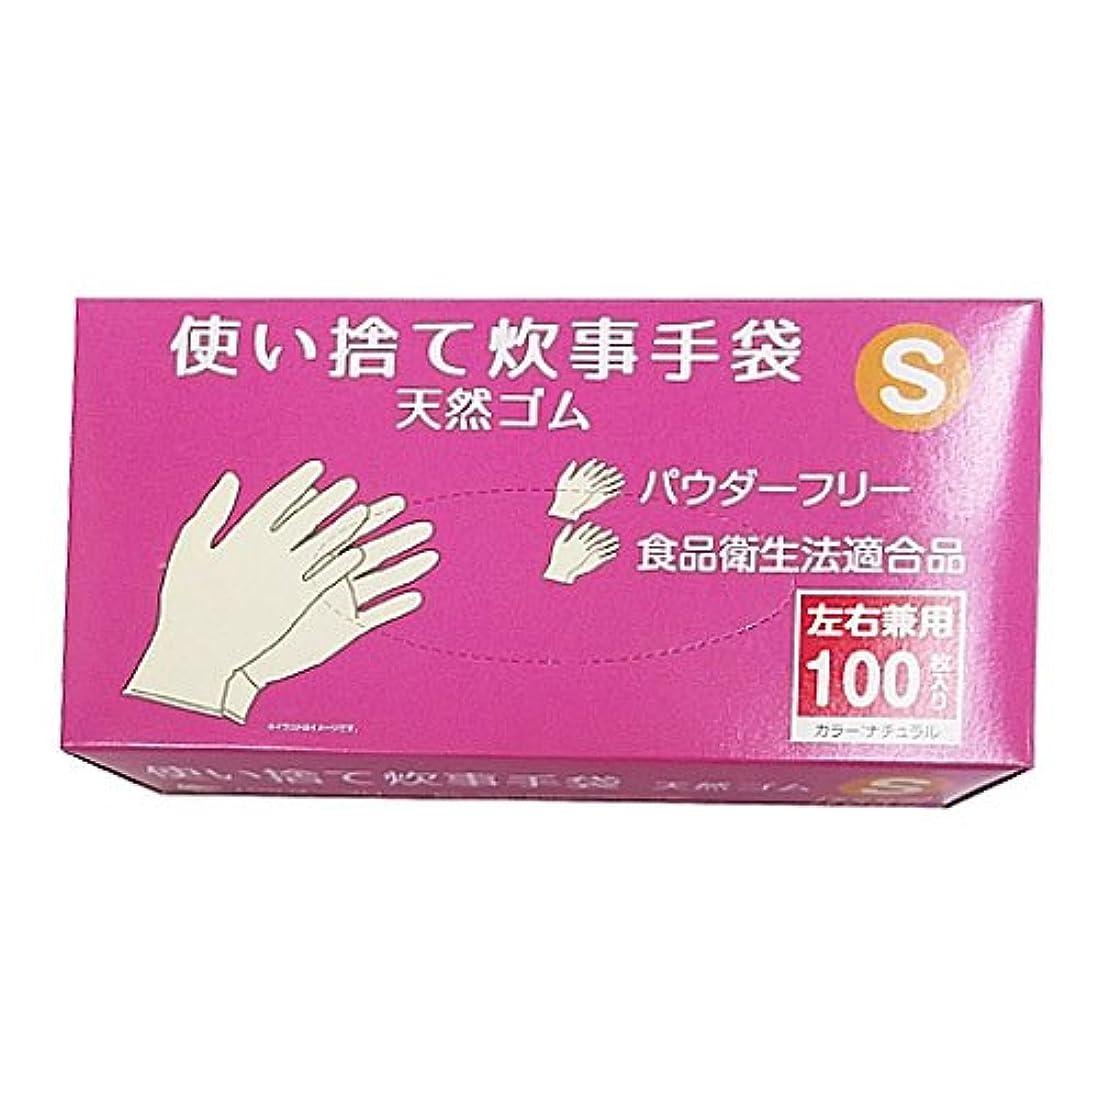 細部炭素うそつきコーナンオリジナル 使い捨て 炊事手袋 天然ゴム 100枚入り S